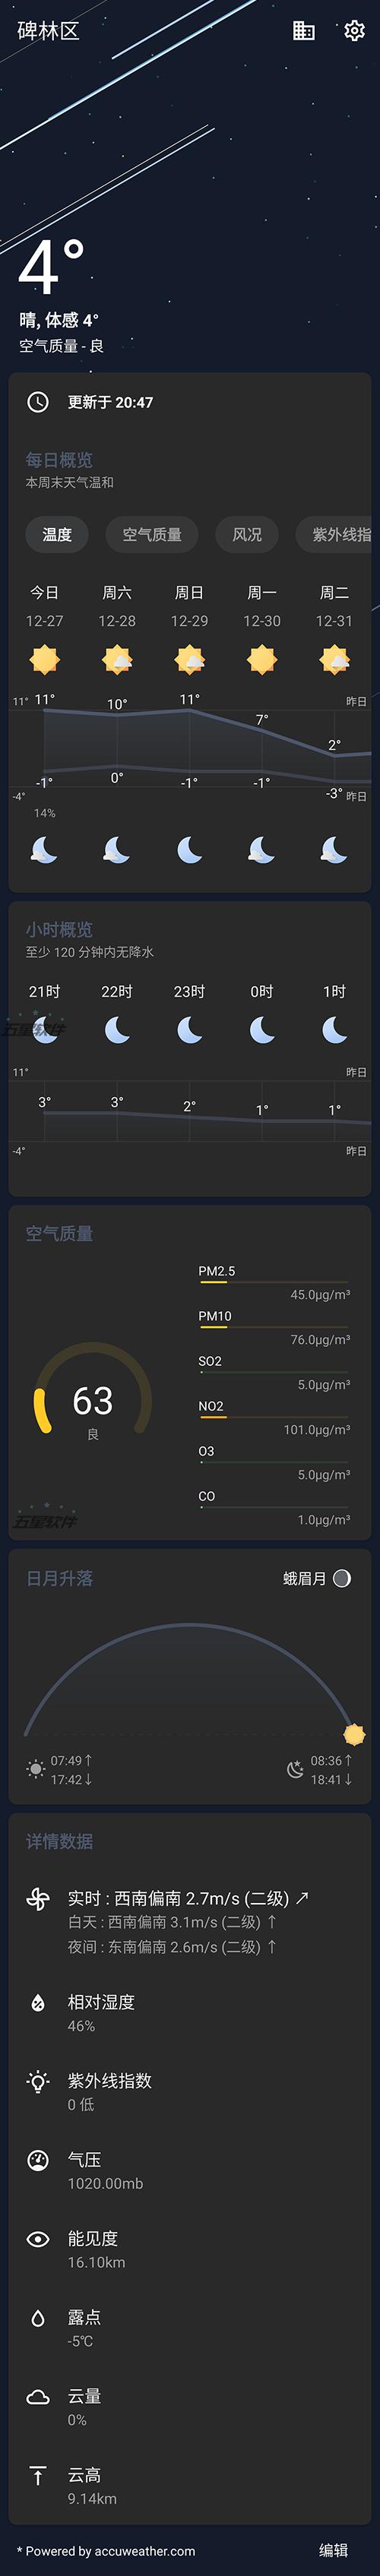 好看又好用的天气软件:几何天气